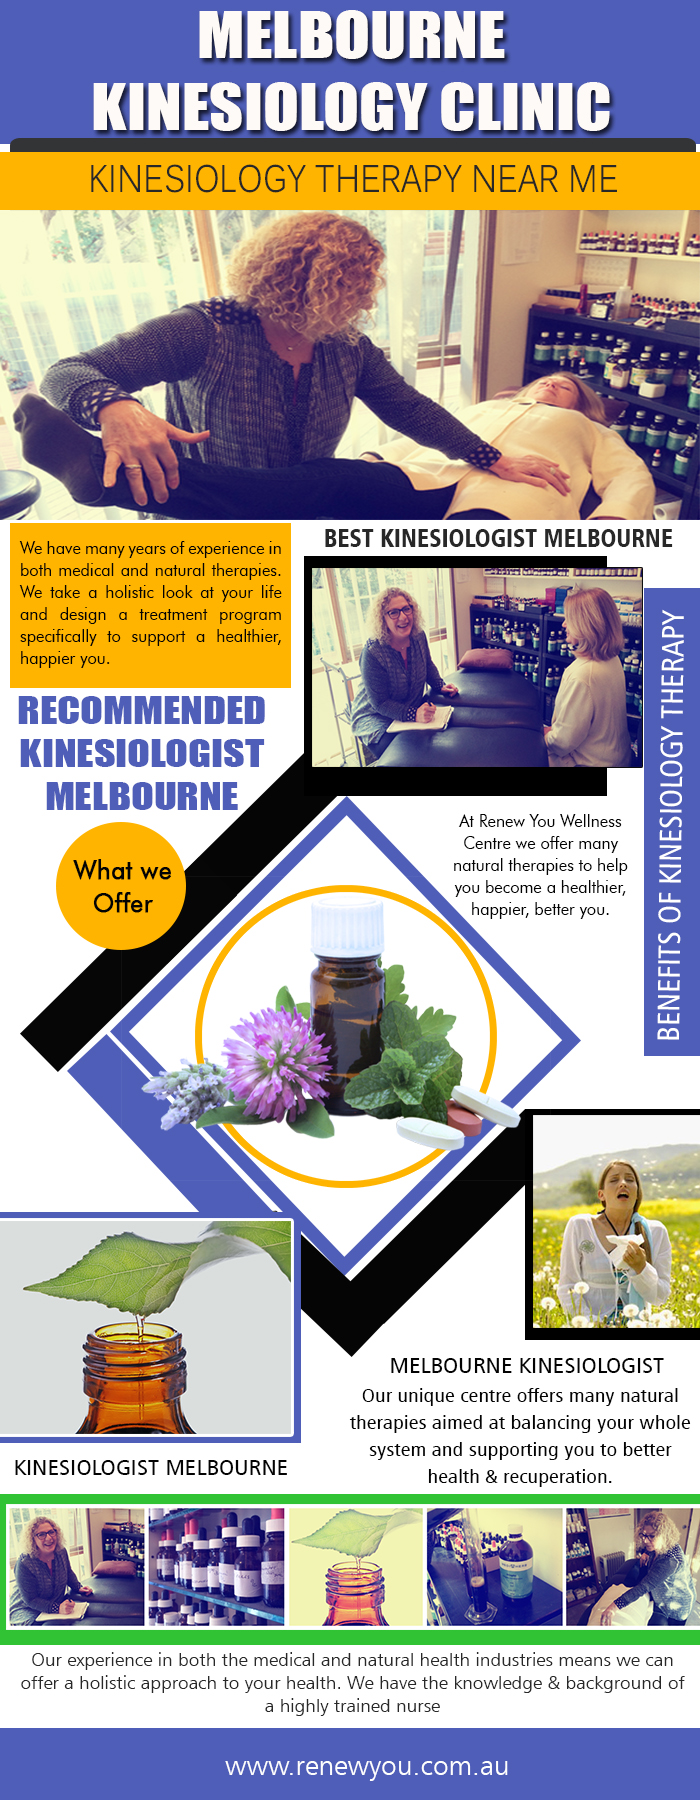 Melbourne Kinesiology Clinic.jpg